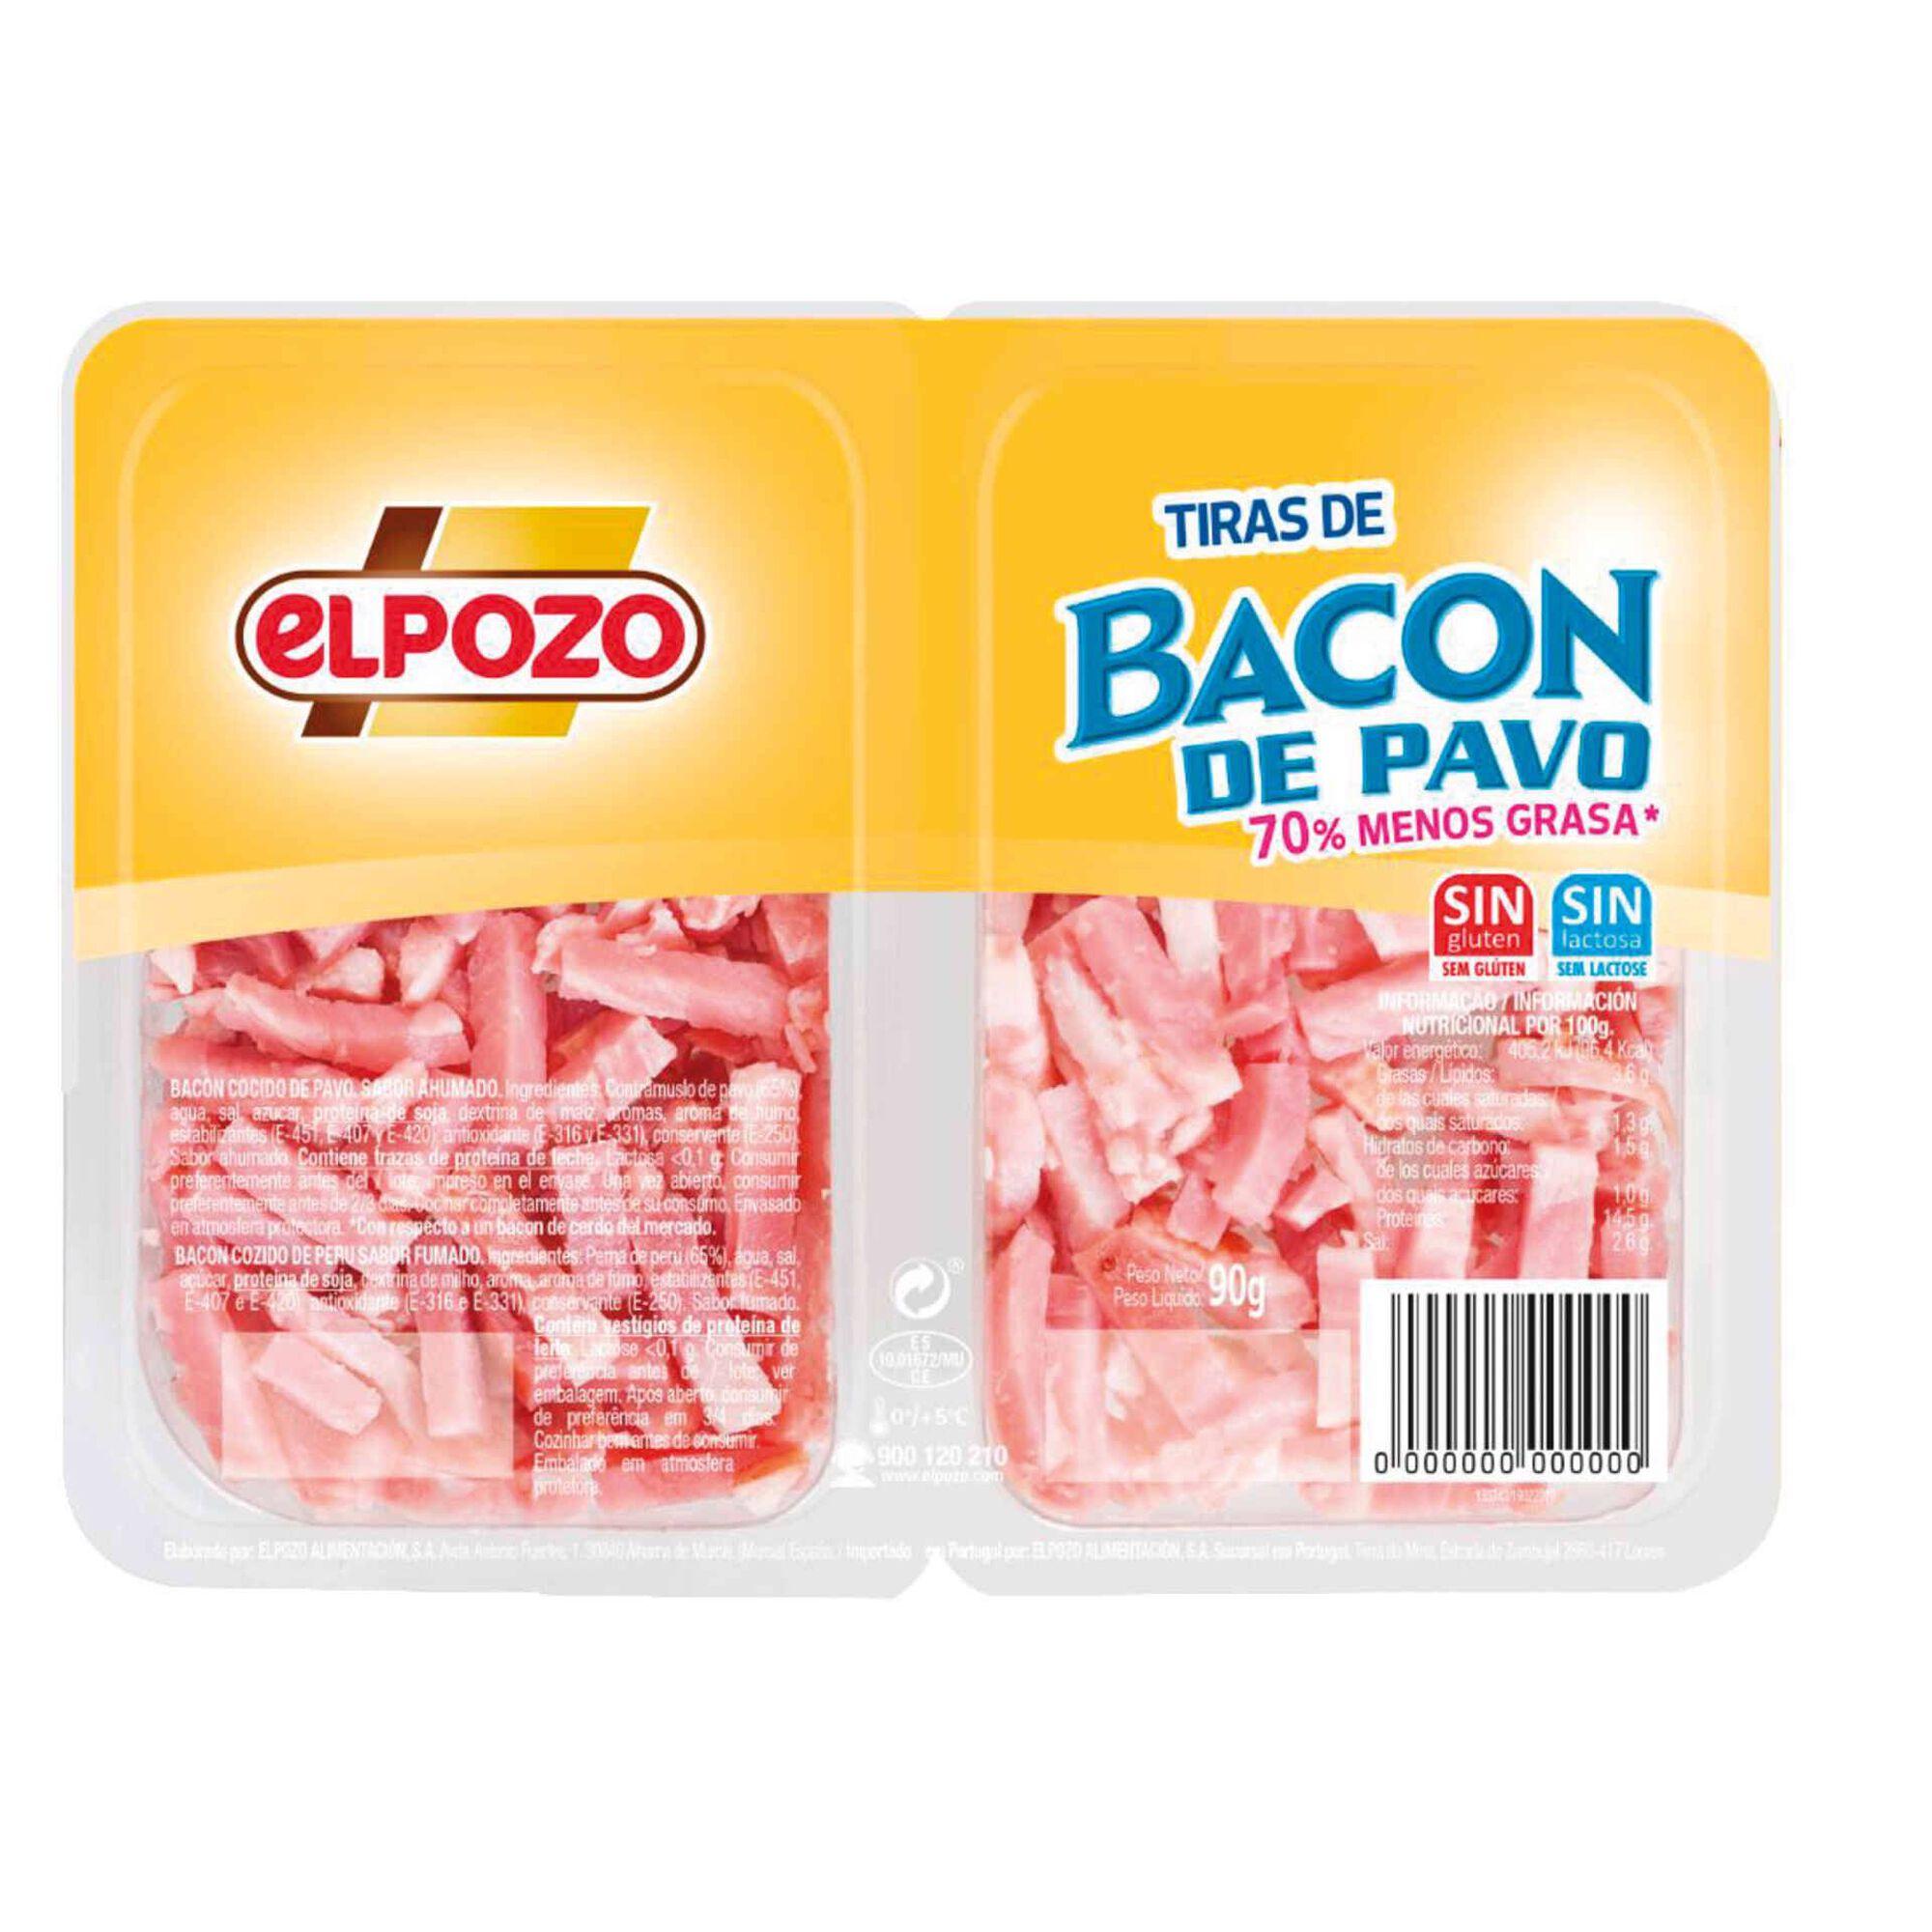 Bacon de Peru Tiras